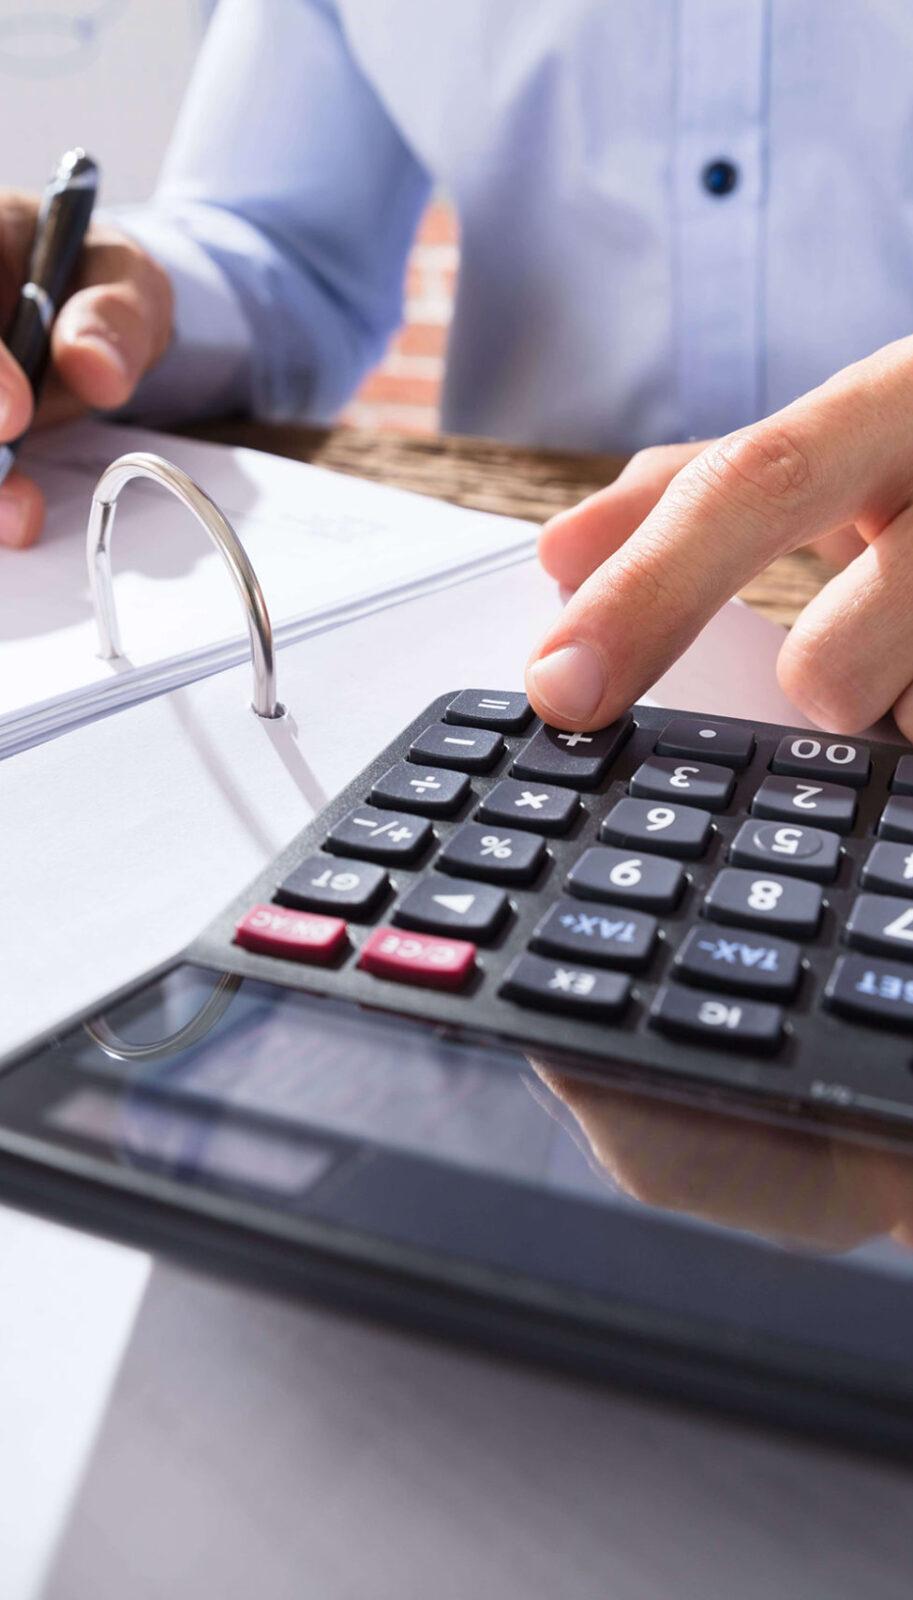 https://kaufmanfisch.com/wp-content/uploads/2020/10/calculator-new-scaled.jpg